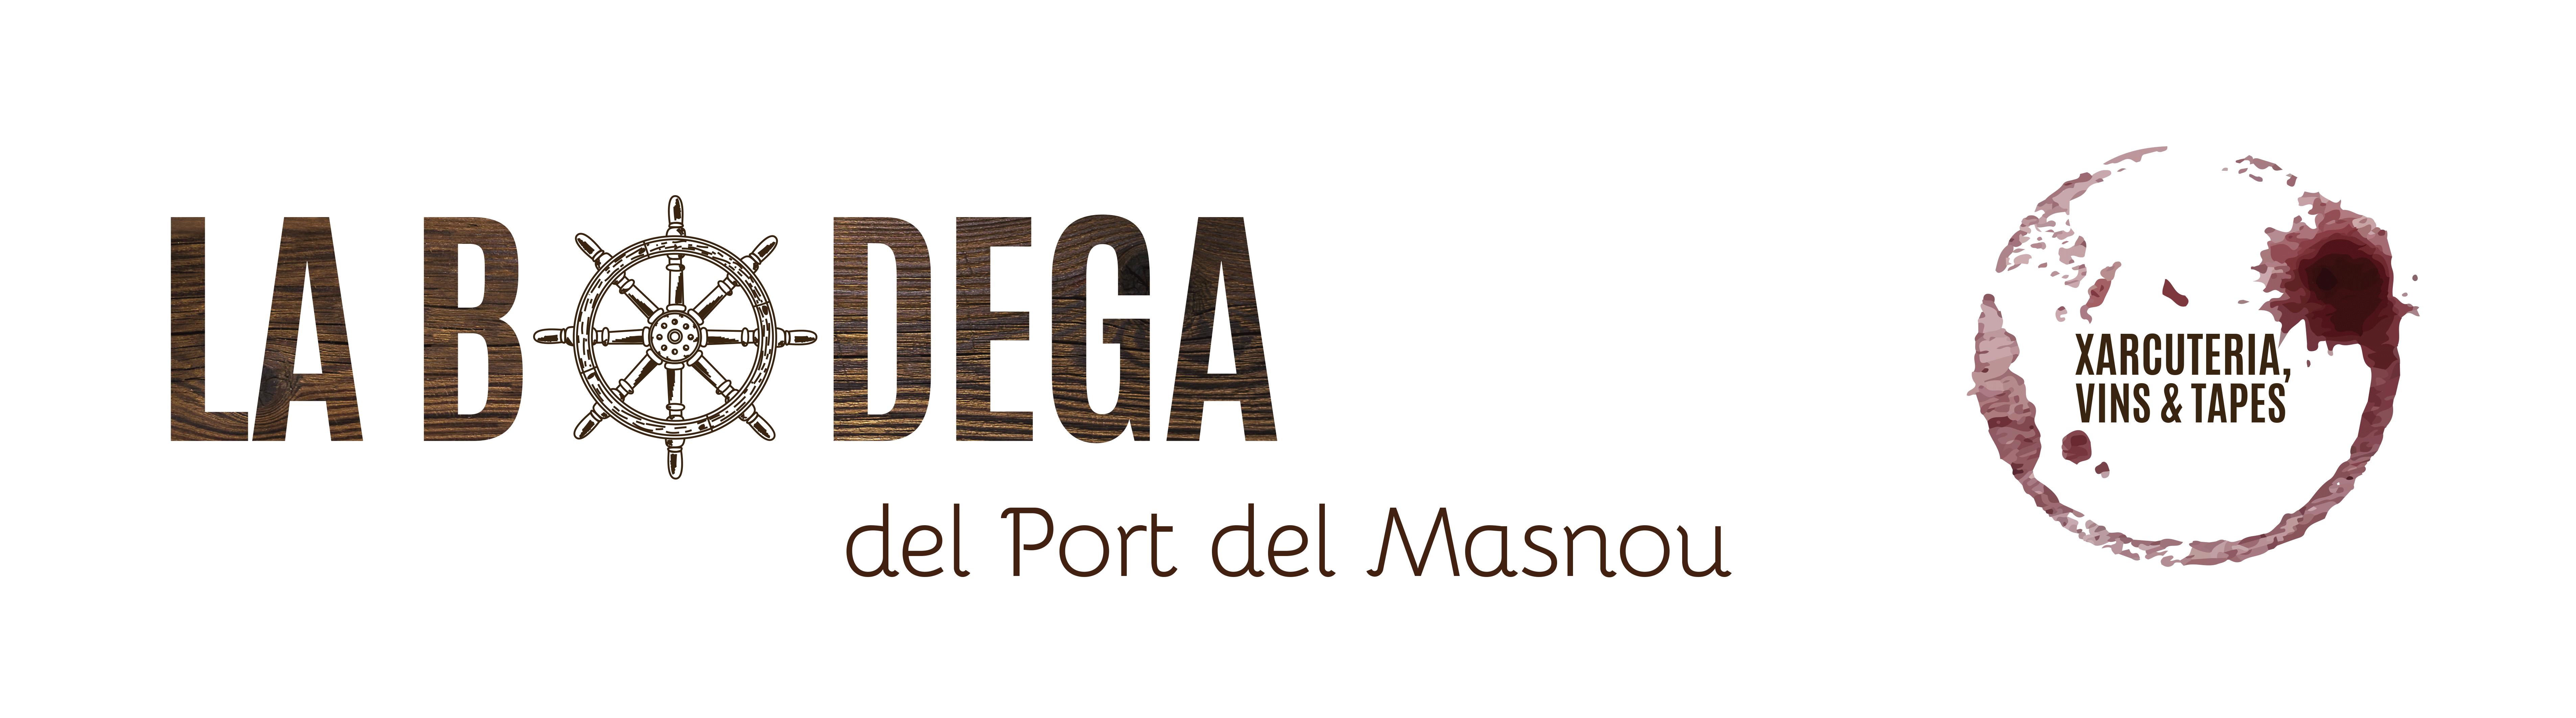 La Bodega del Port del Masnou